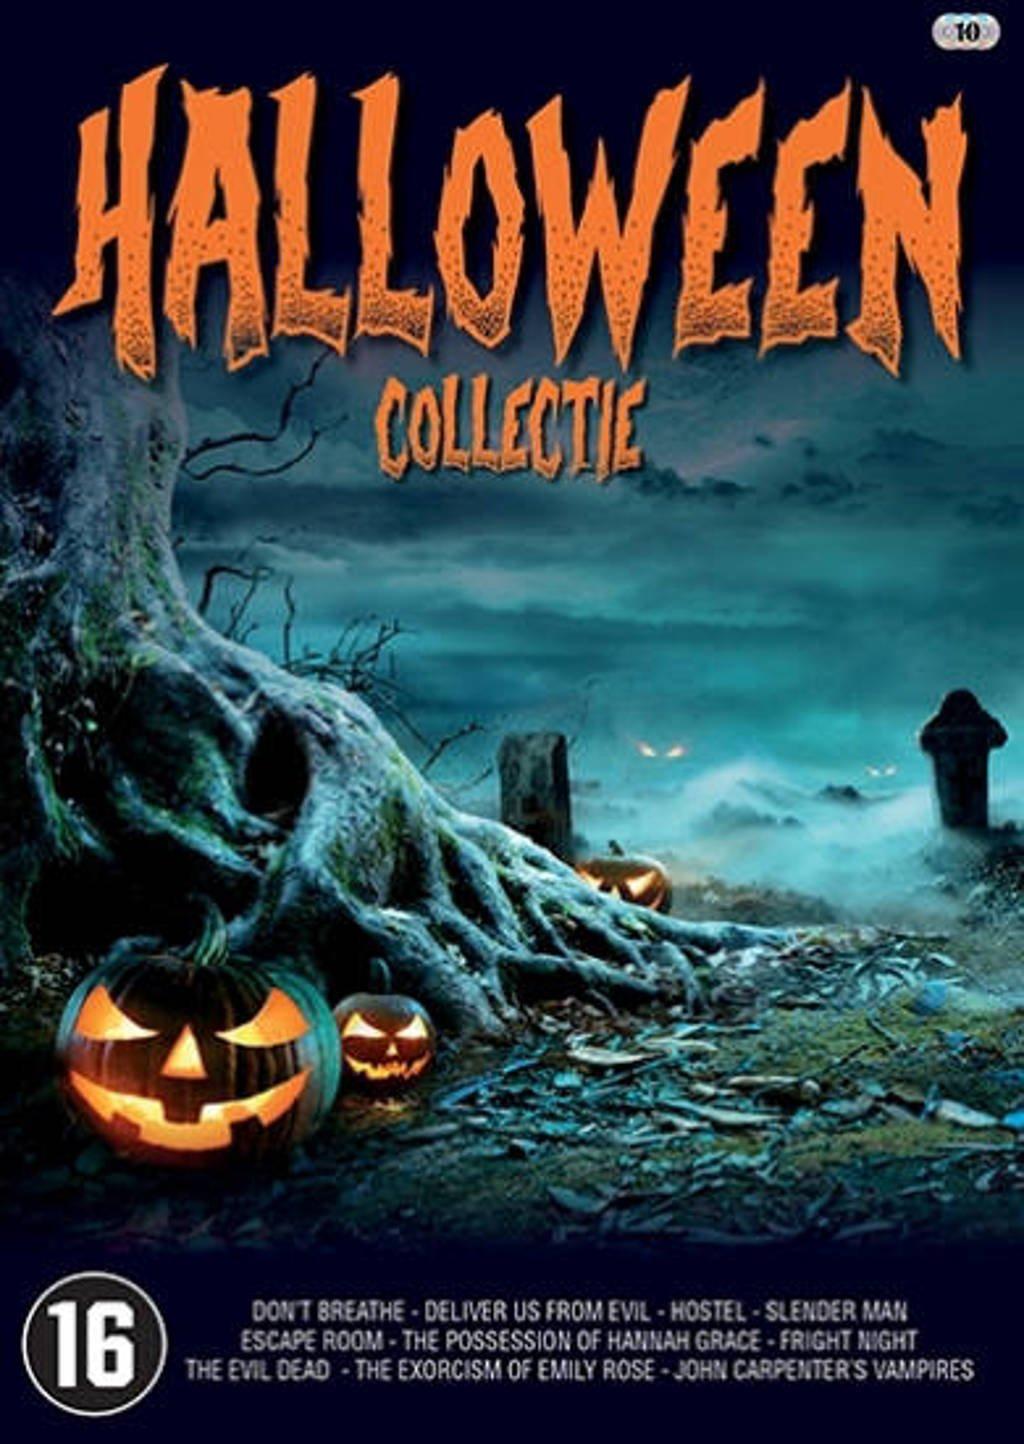 Halloween collectie (DVD)